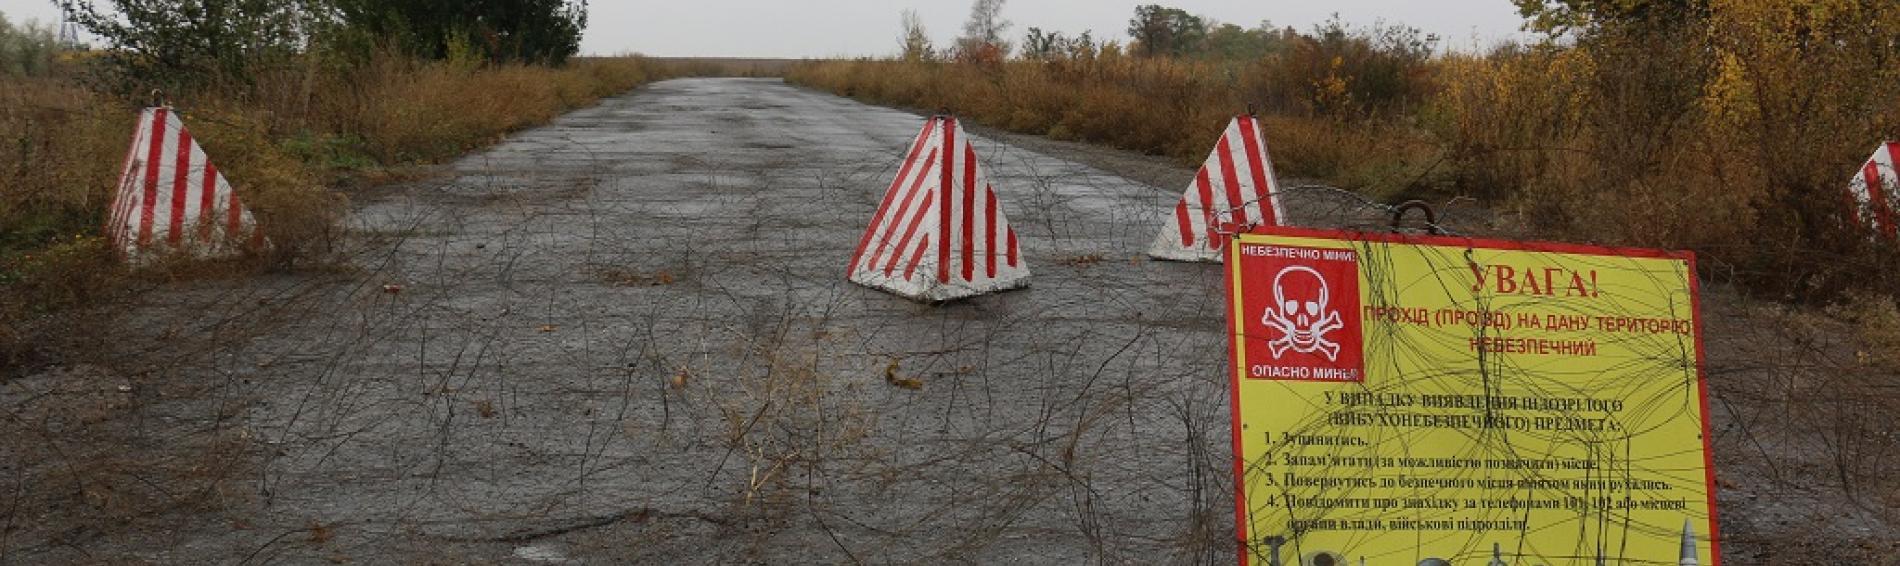 imagen de la línea fronteriza en Ucrania